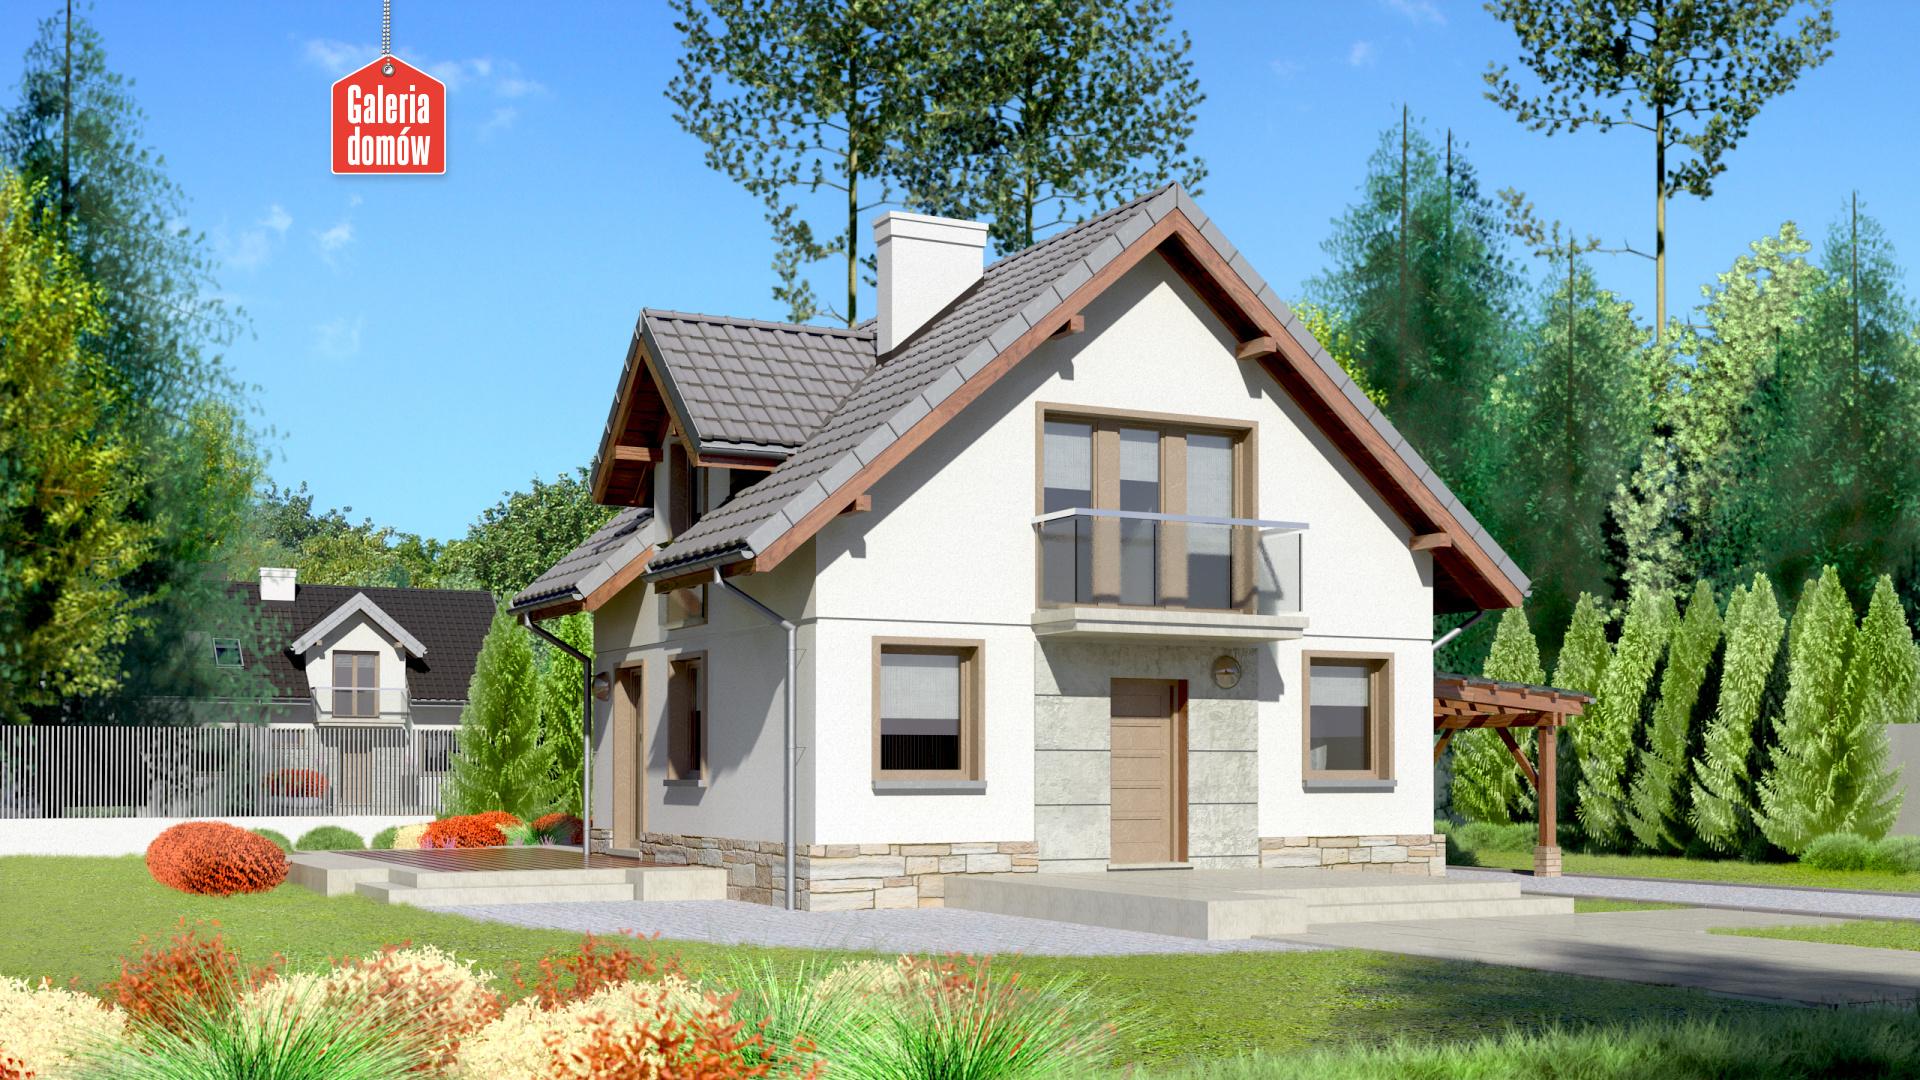 Dom przy Cyprysowej 35 - zdjęcie projektu i wizualizacja